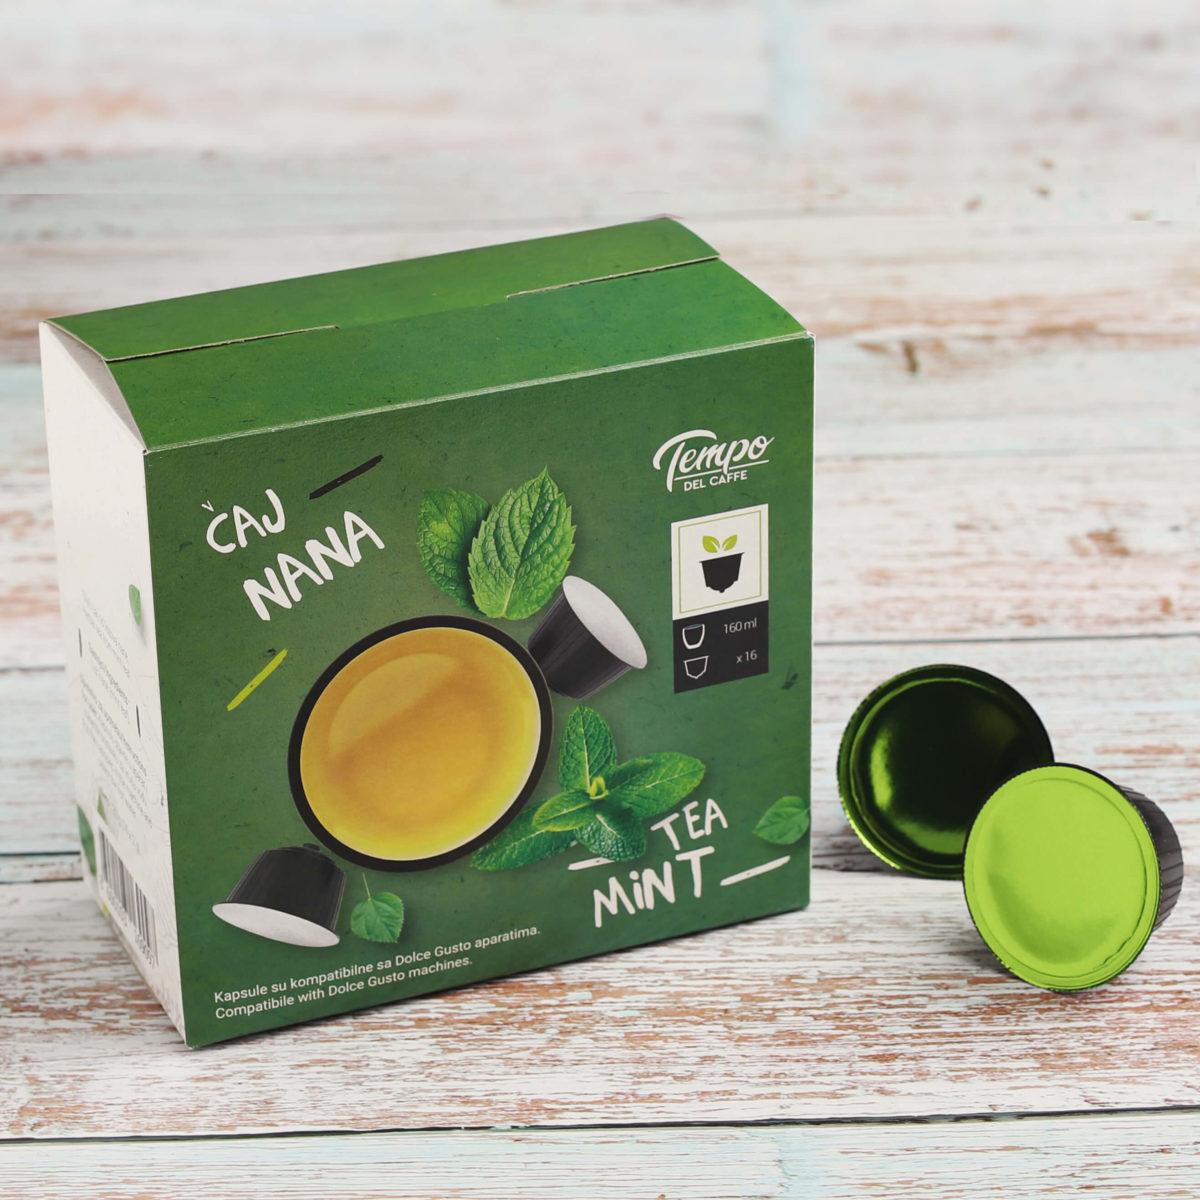 Nana čaj - Dolce Gusto kapsule